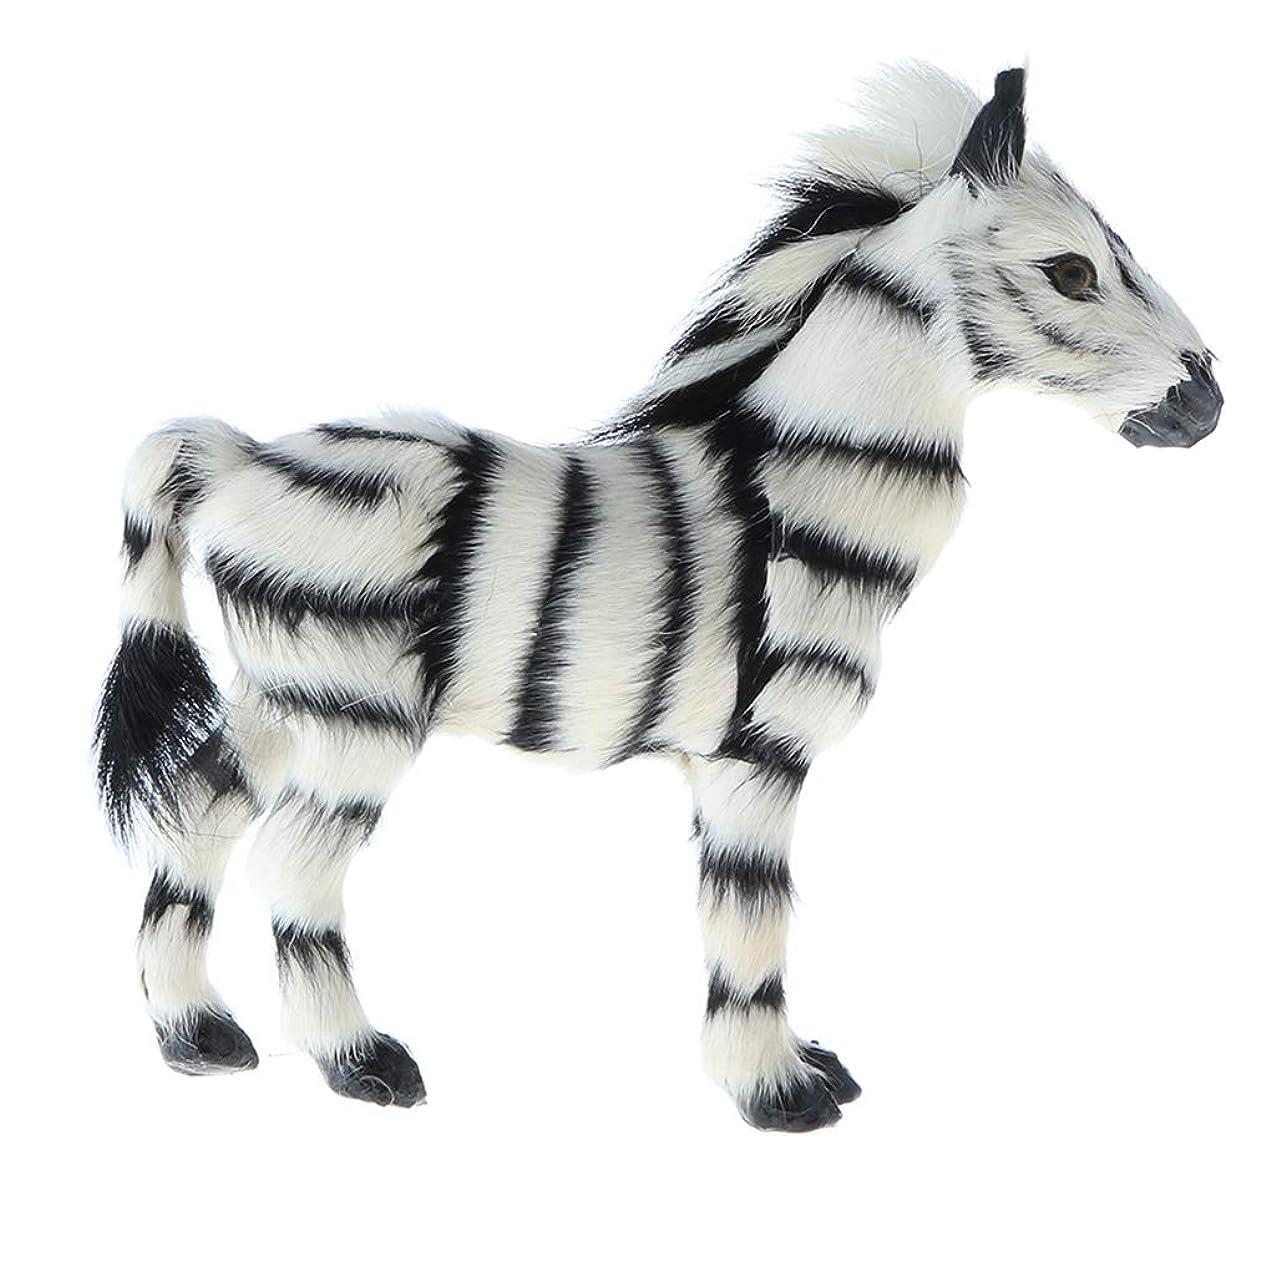 僕の銛精神医学T TOOYFUL シマウマモデル フィギュア 動物置物 玩具 動物模型 認知 教育おもちゃ